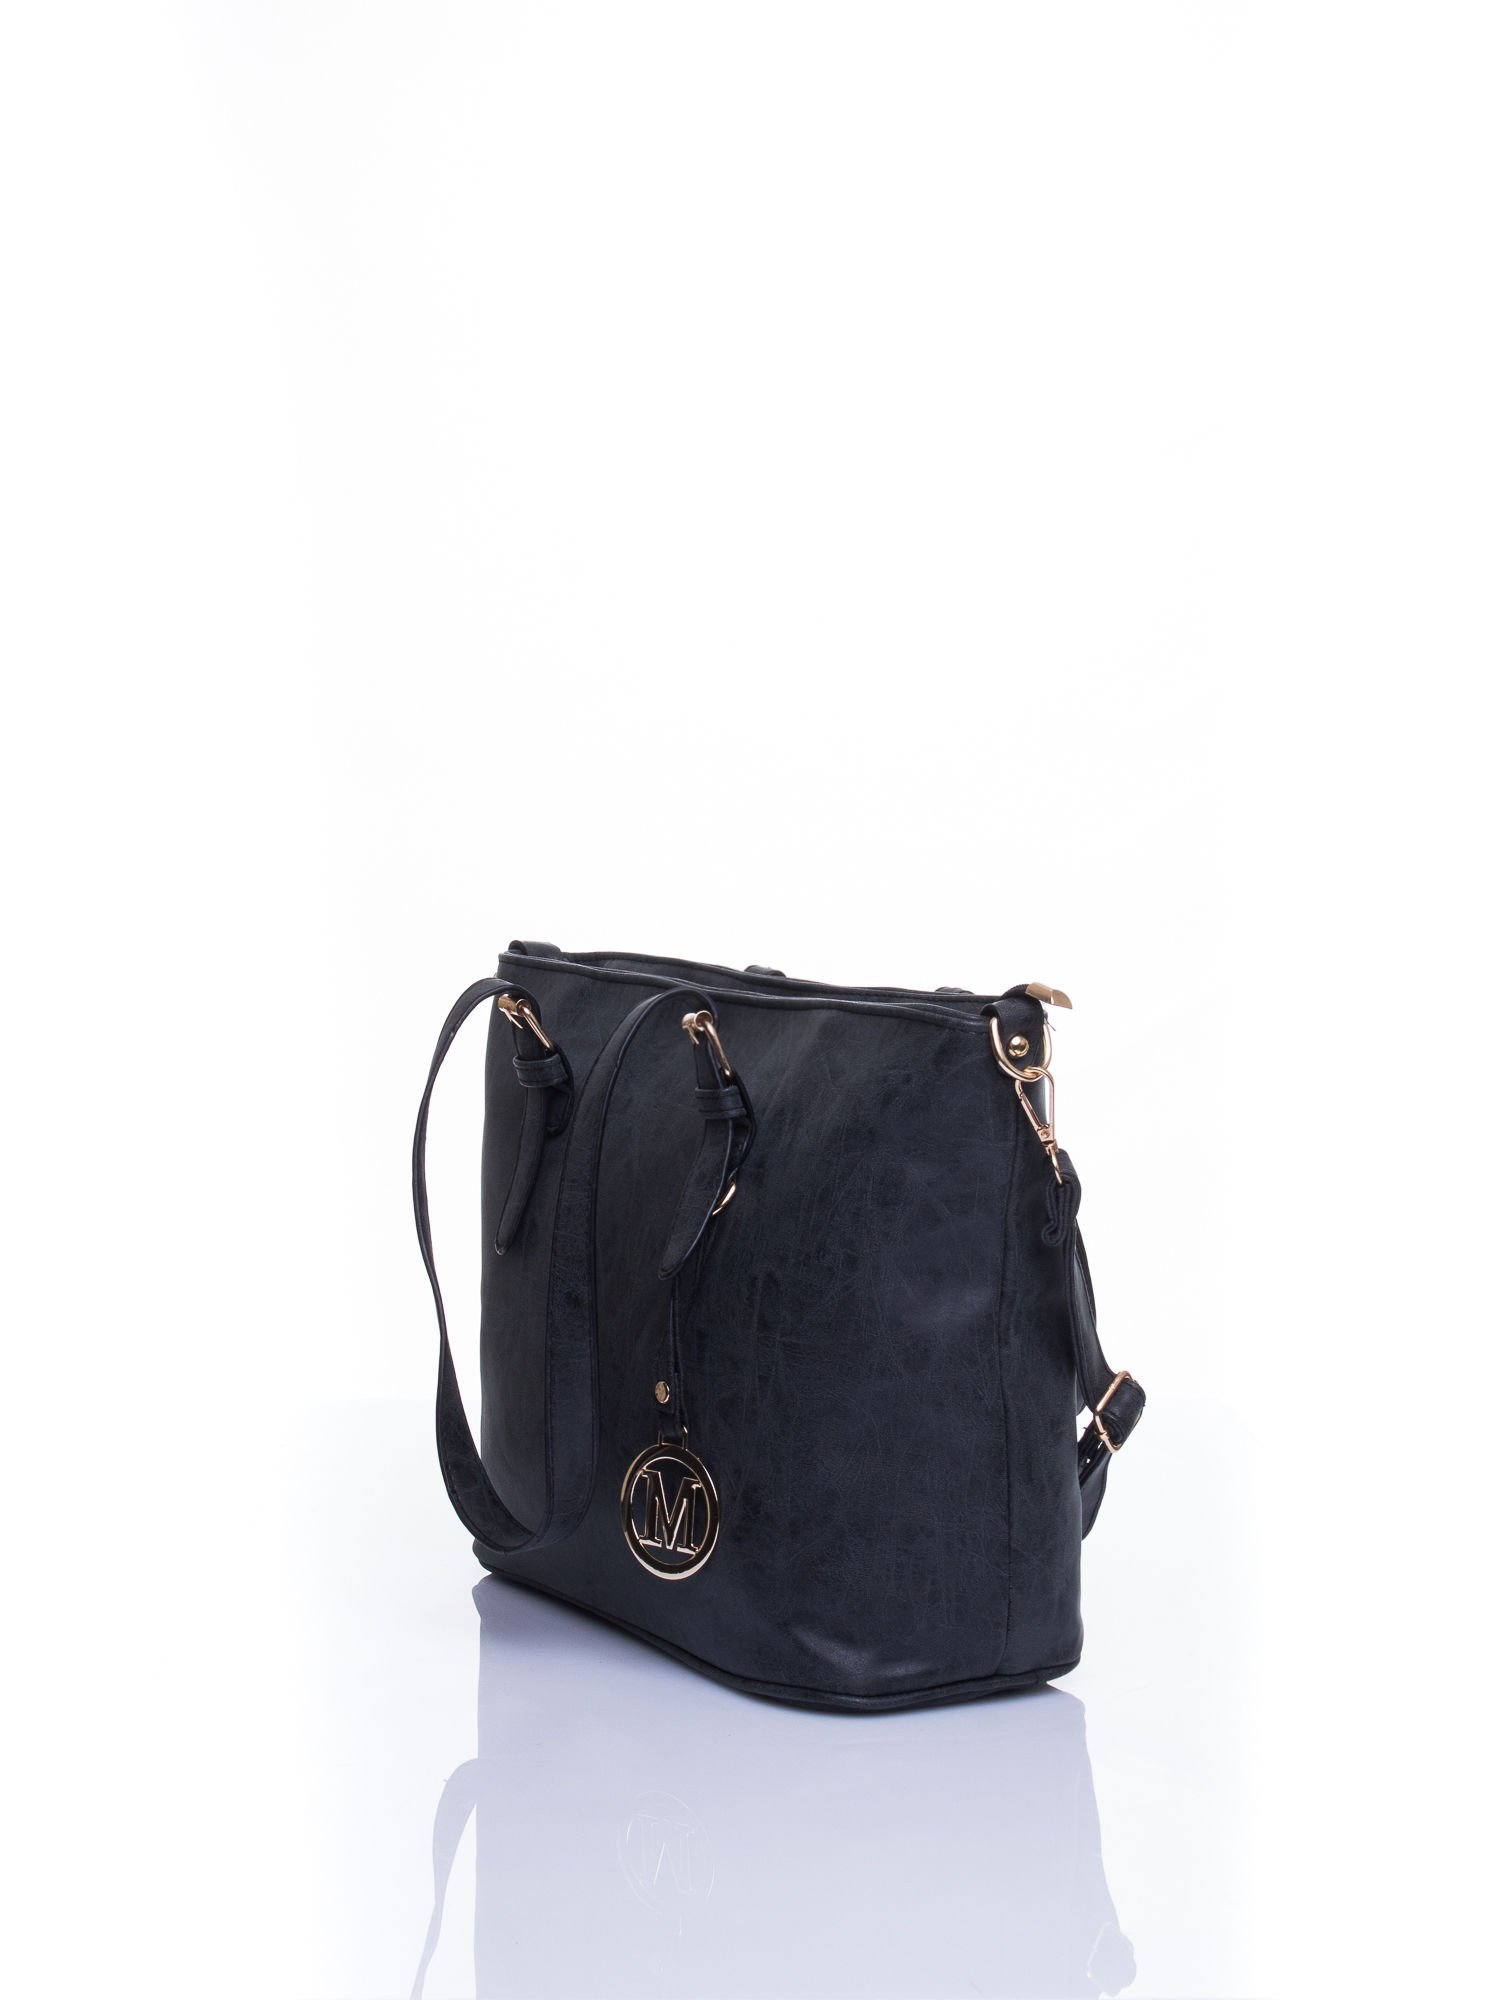 Czarna torba shopper bag z zawieszką                                  zdj.                                  3